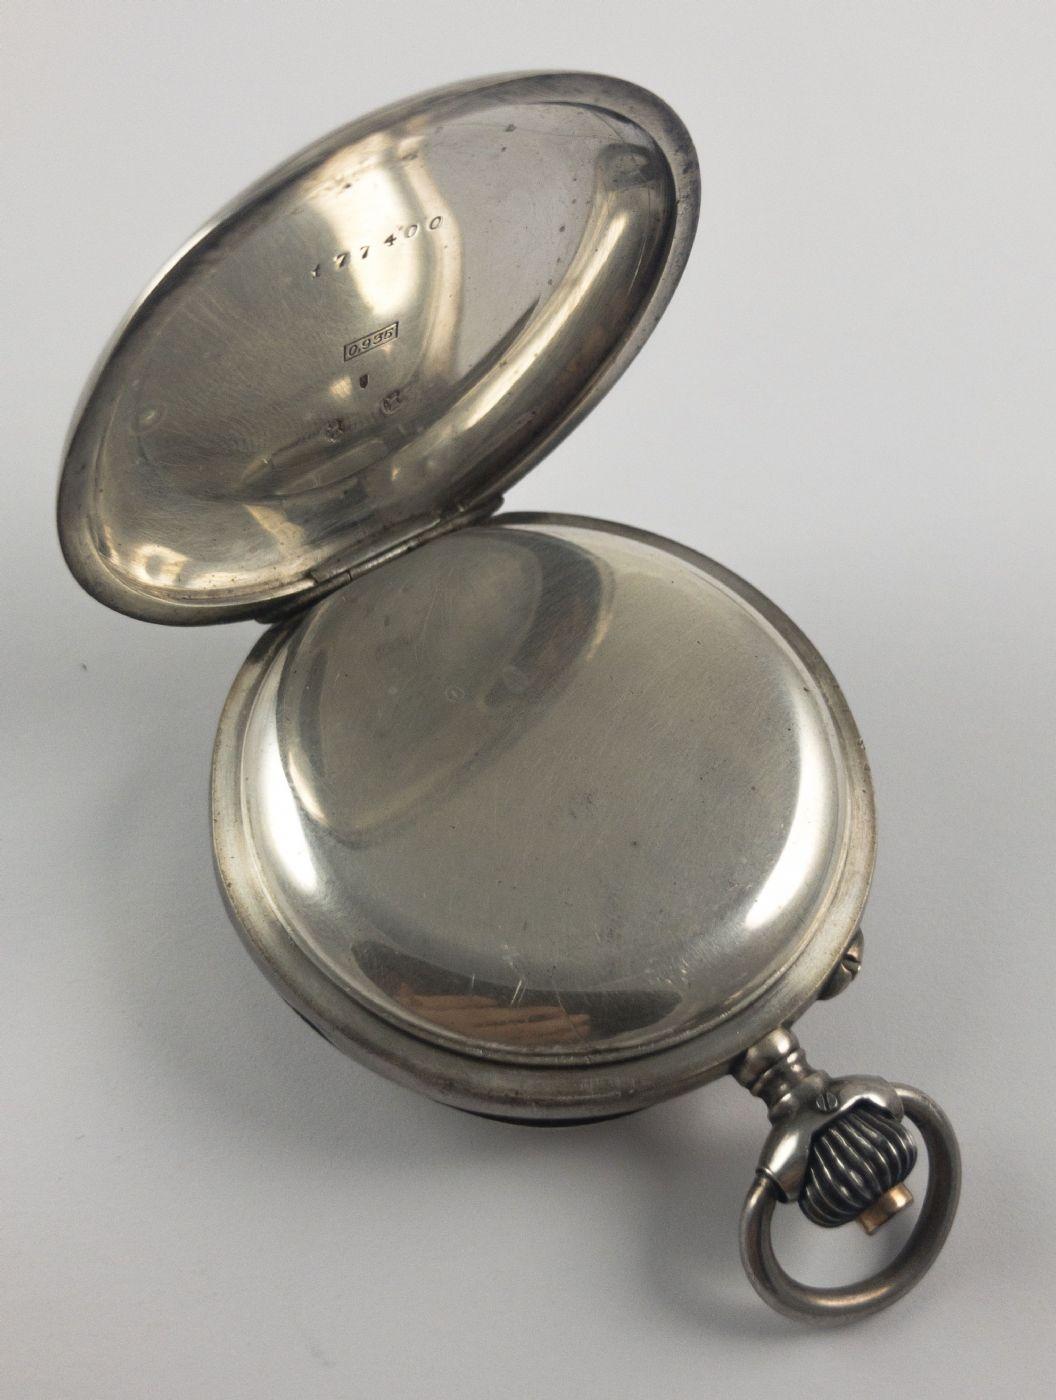 thumb3|Orologio da tasca cronografo in argento, fine 800